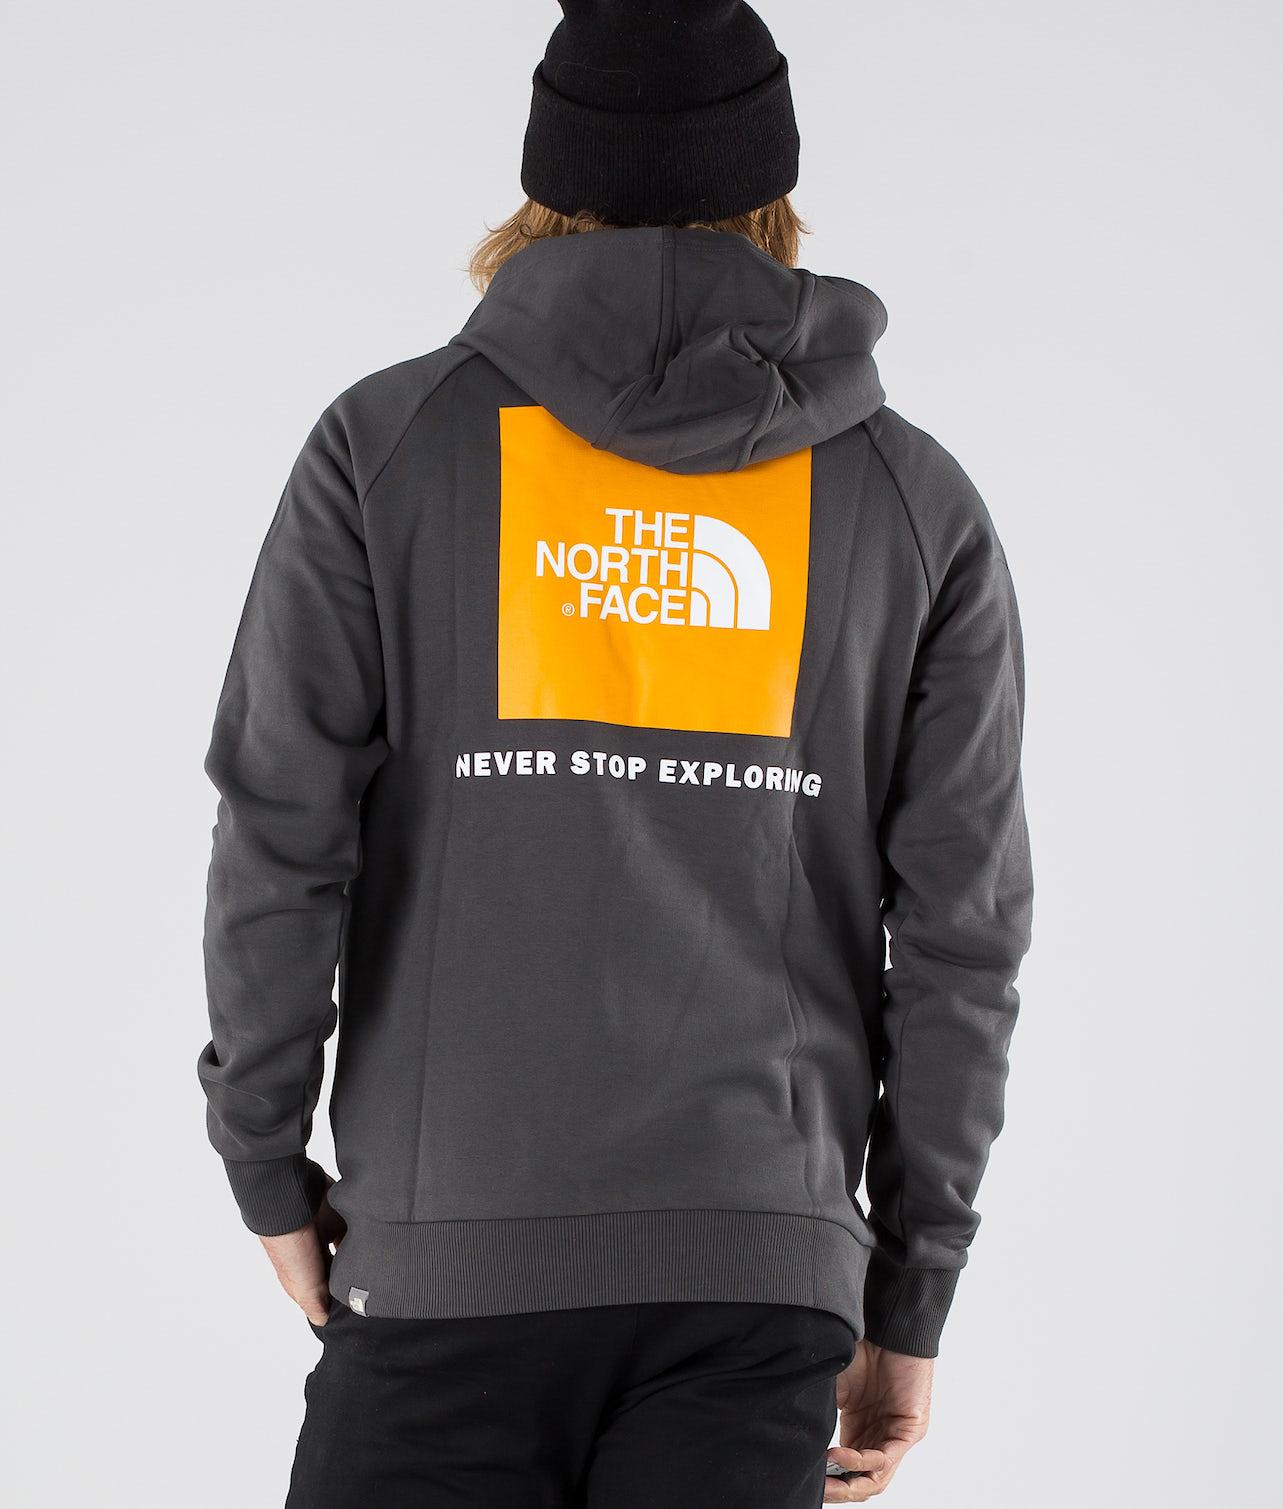 Kjøp Raglan Red Box Hood fra The North Face på Ridestore.no - Hos oss har du alltid fri frakt, fri retur og 30 dagers åpent kjøp!